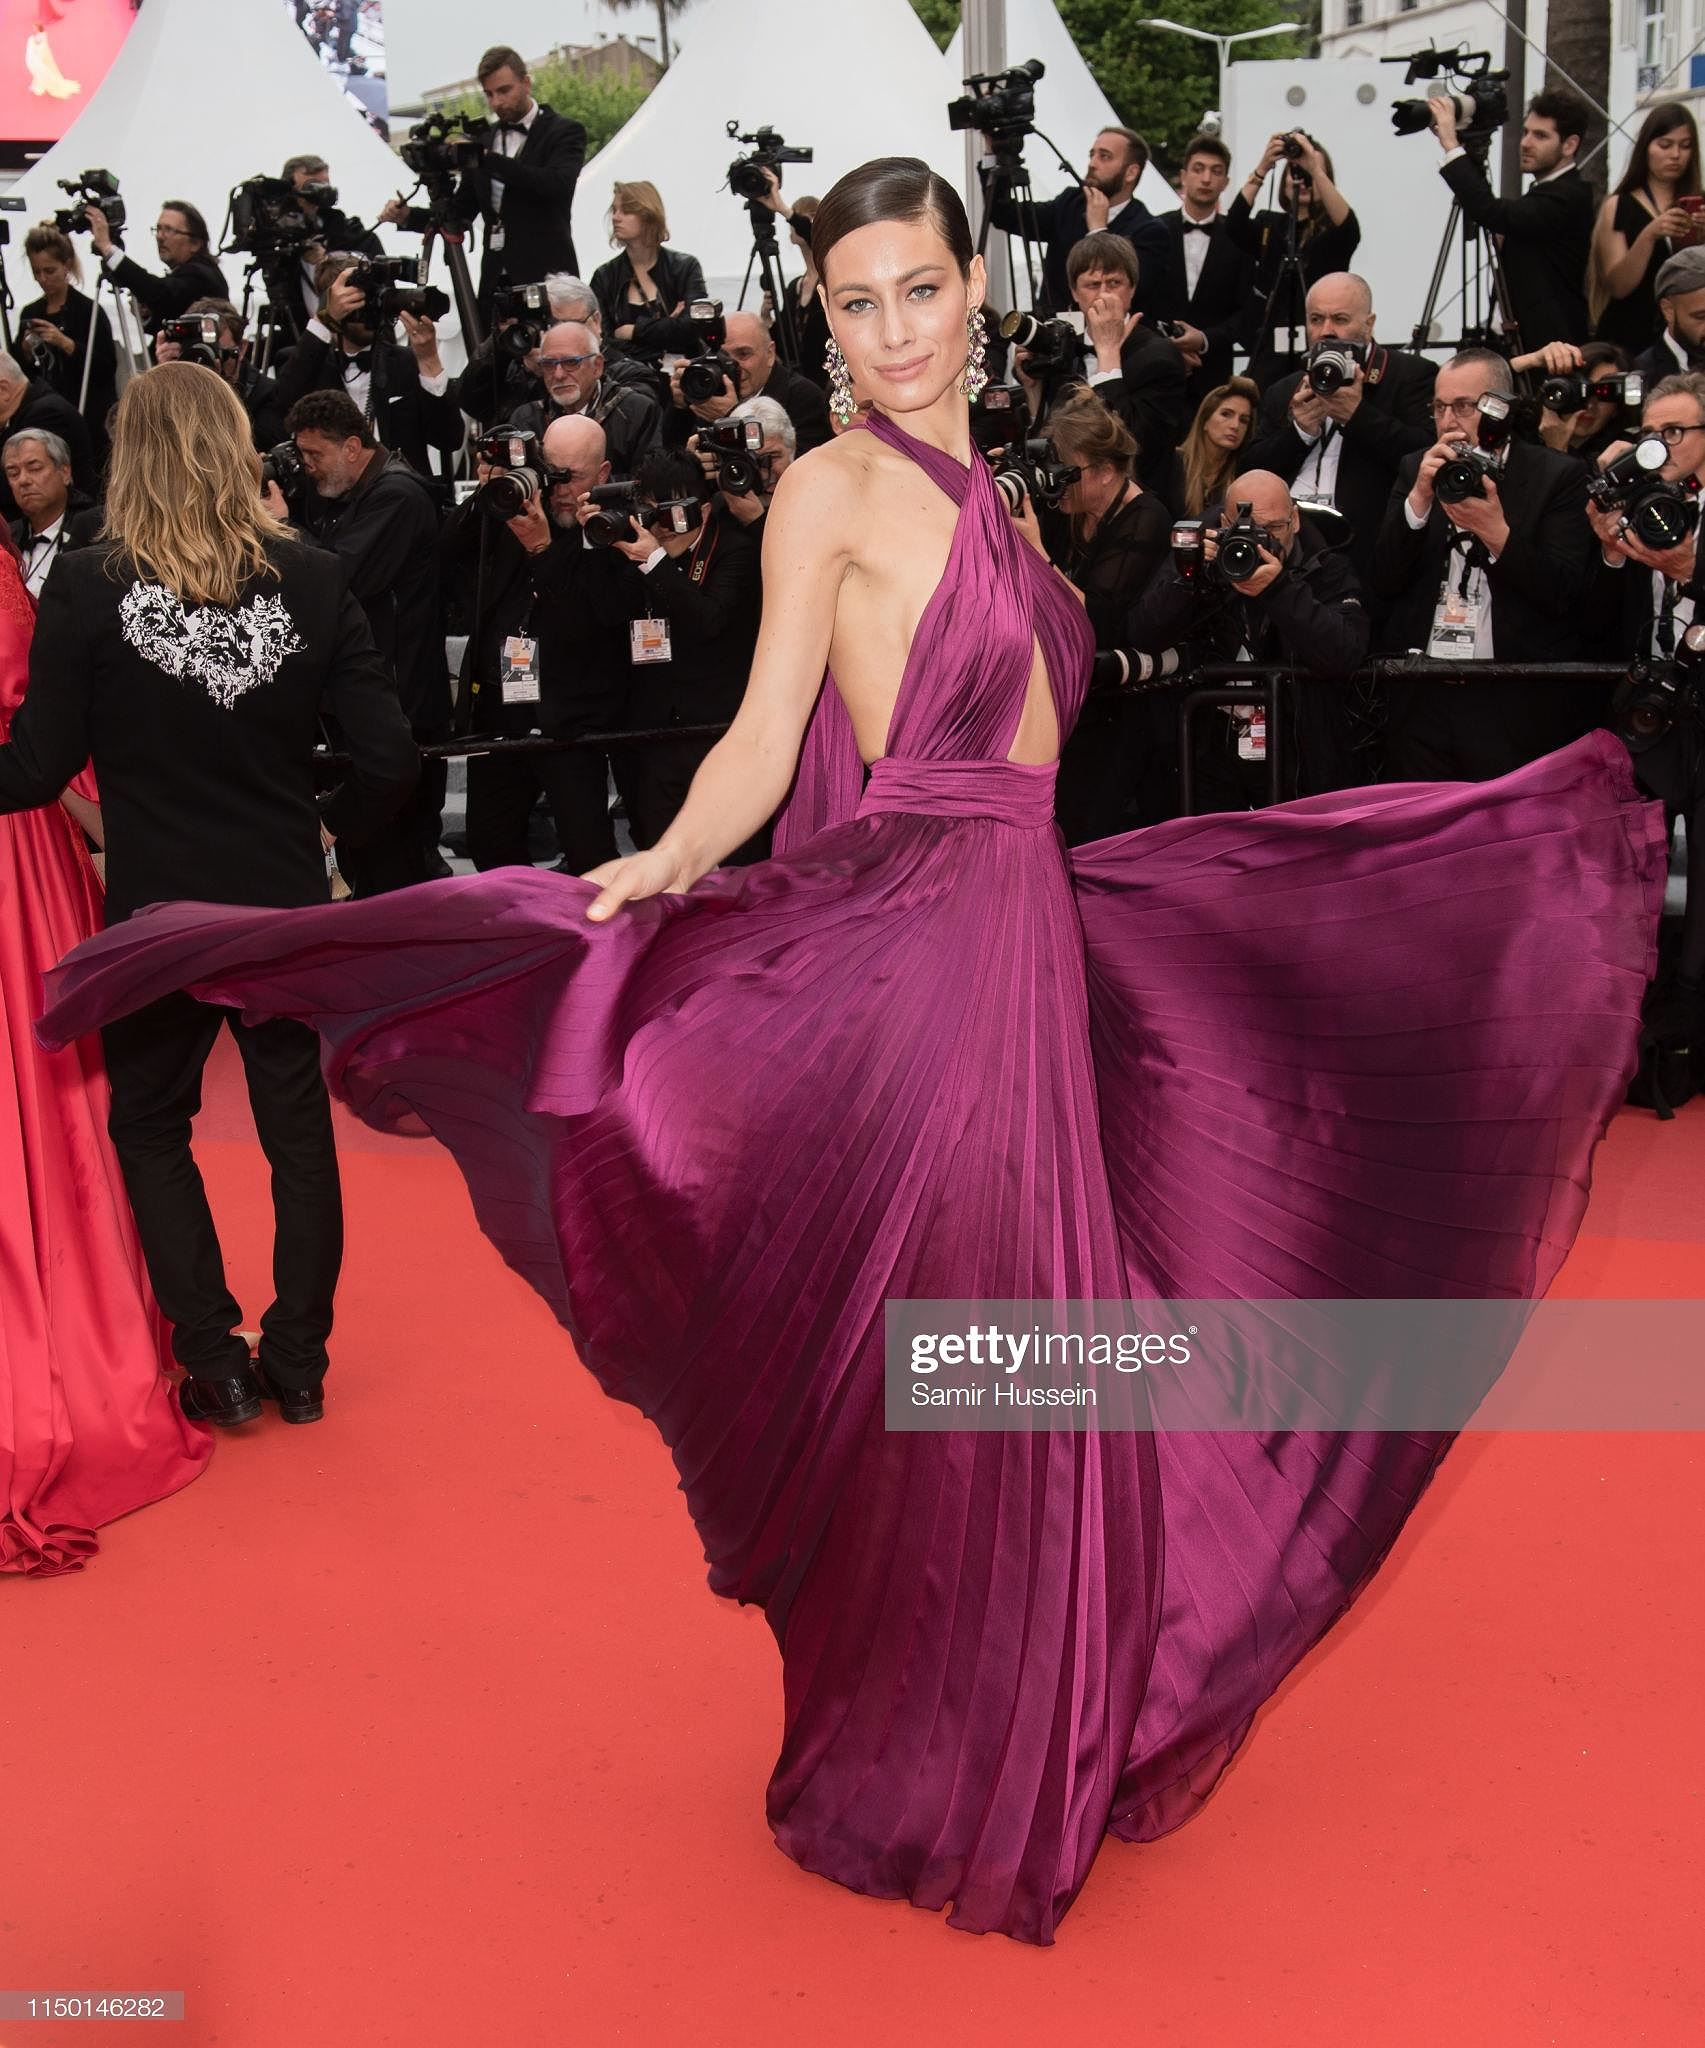 Siêu mẫu đồ nhỏ mặc như không, dàn nam vũ công quằn quại trên thảm đỏ Cannes - Hình 9